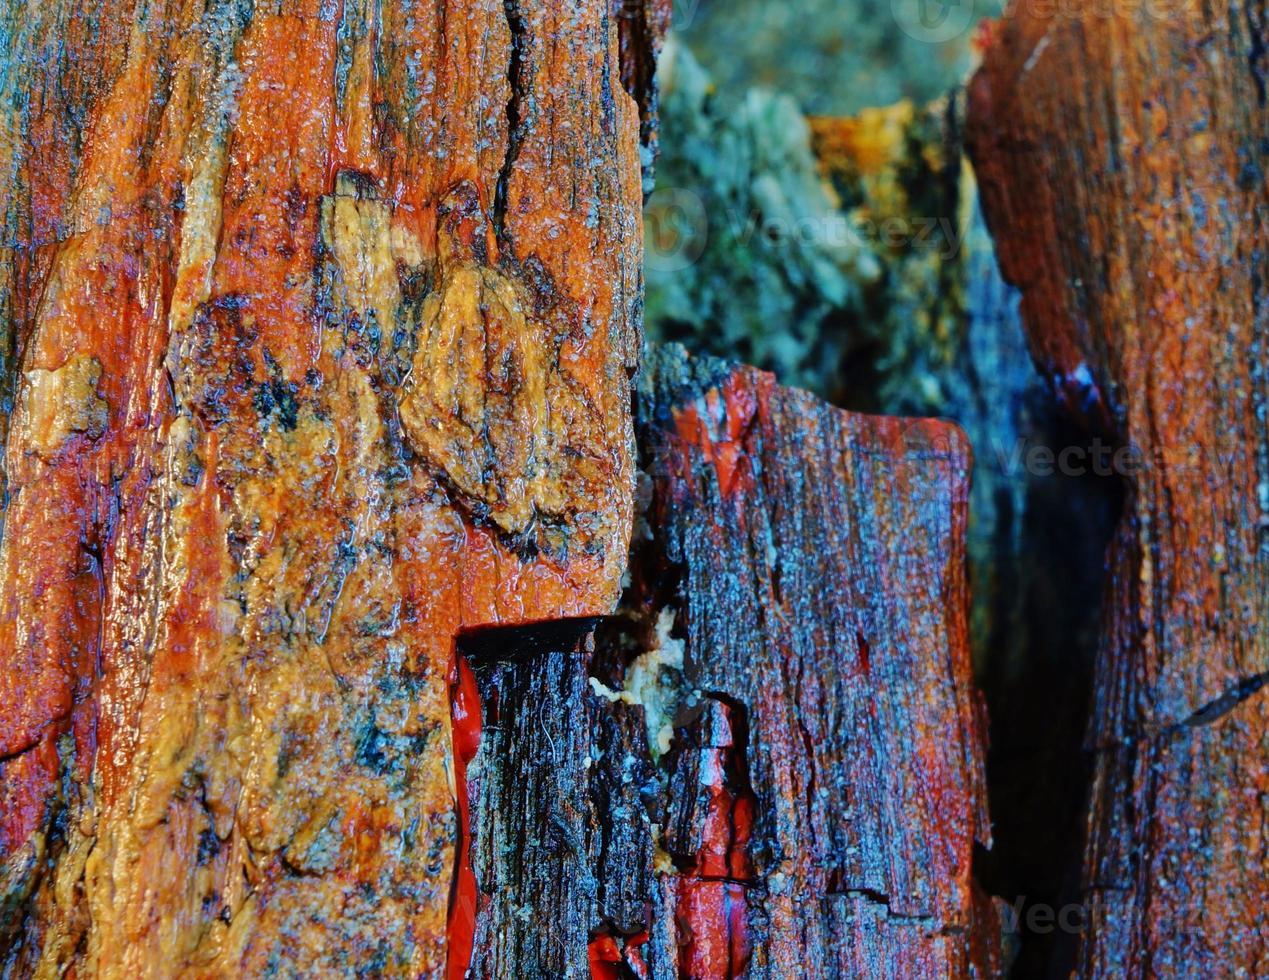 versteinertes Holz foto